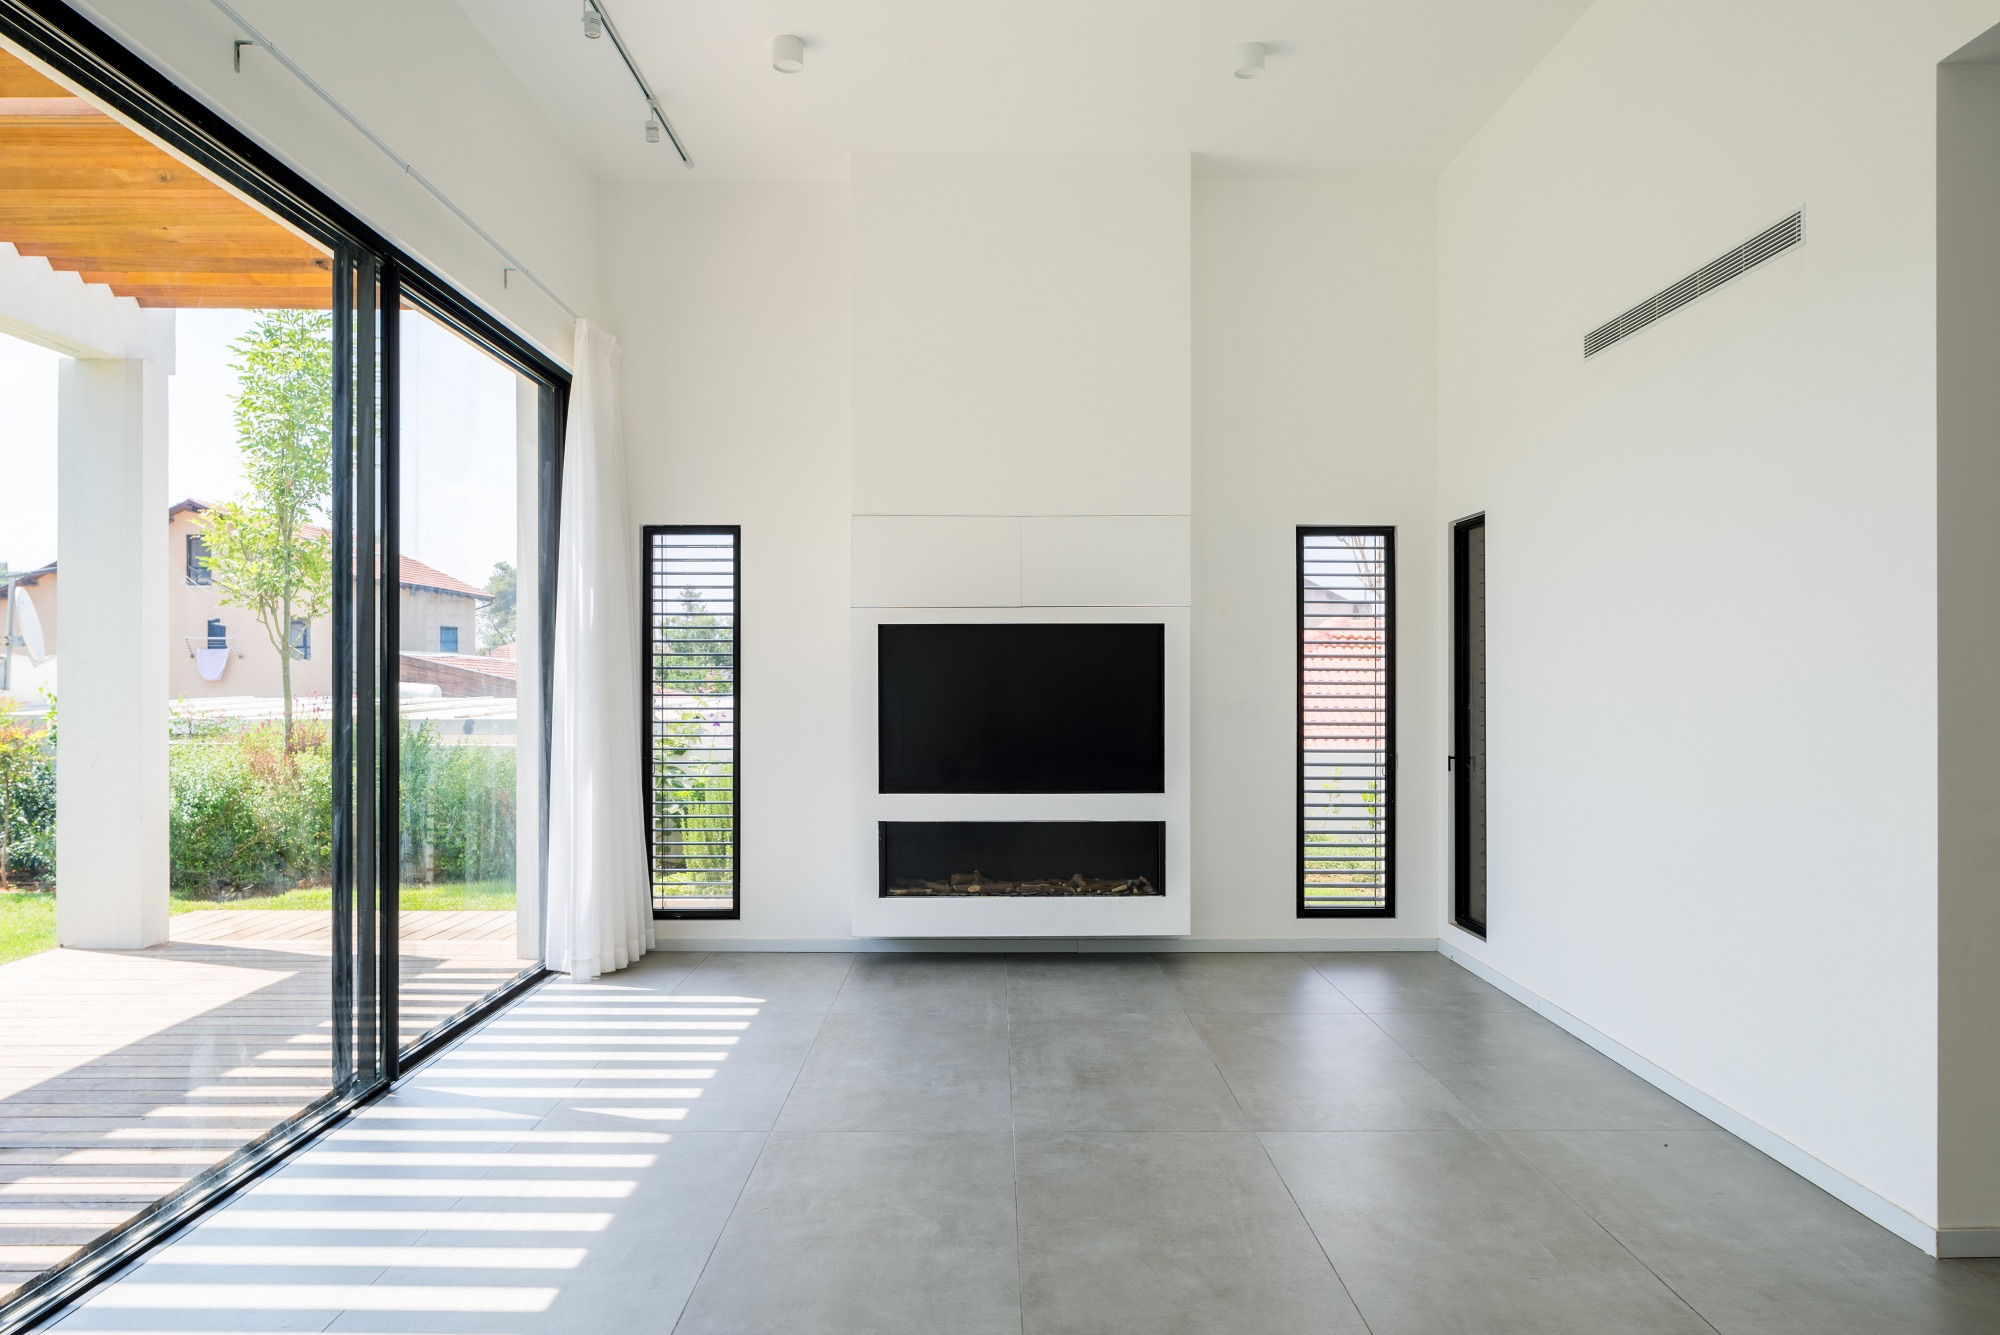 6_GN House_Erez Segalovitz_Inspirationist